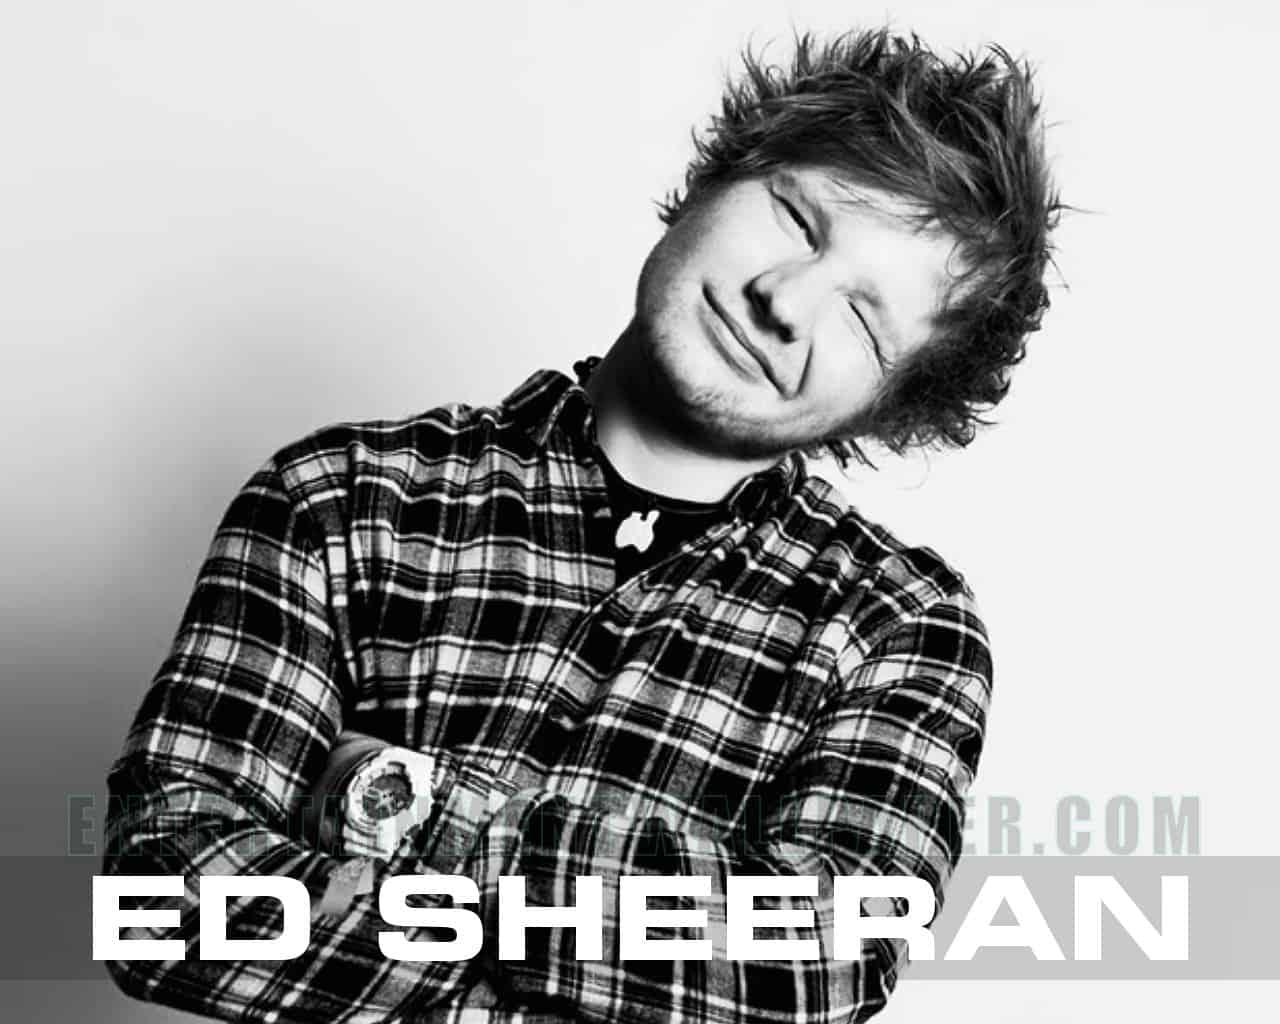 แปลเพลง Photograph - Ed Sheeran